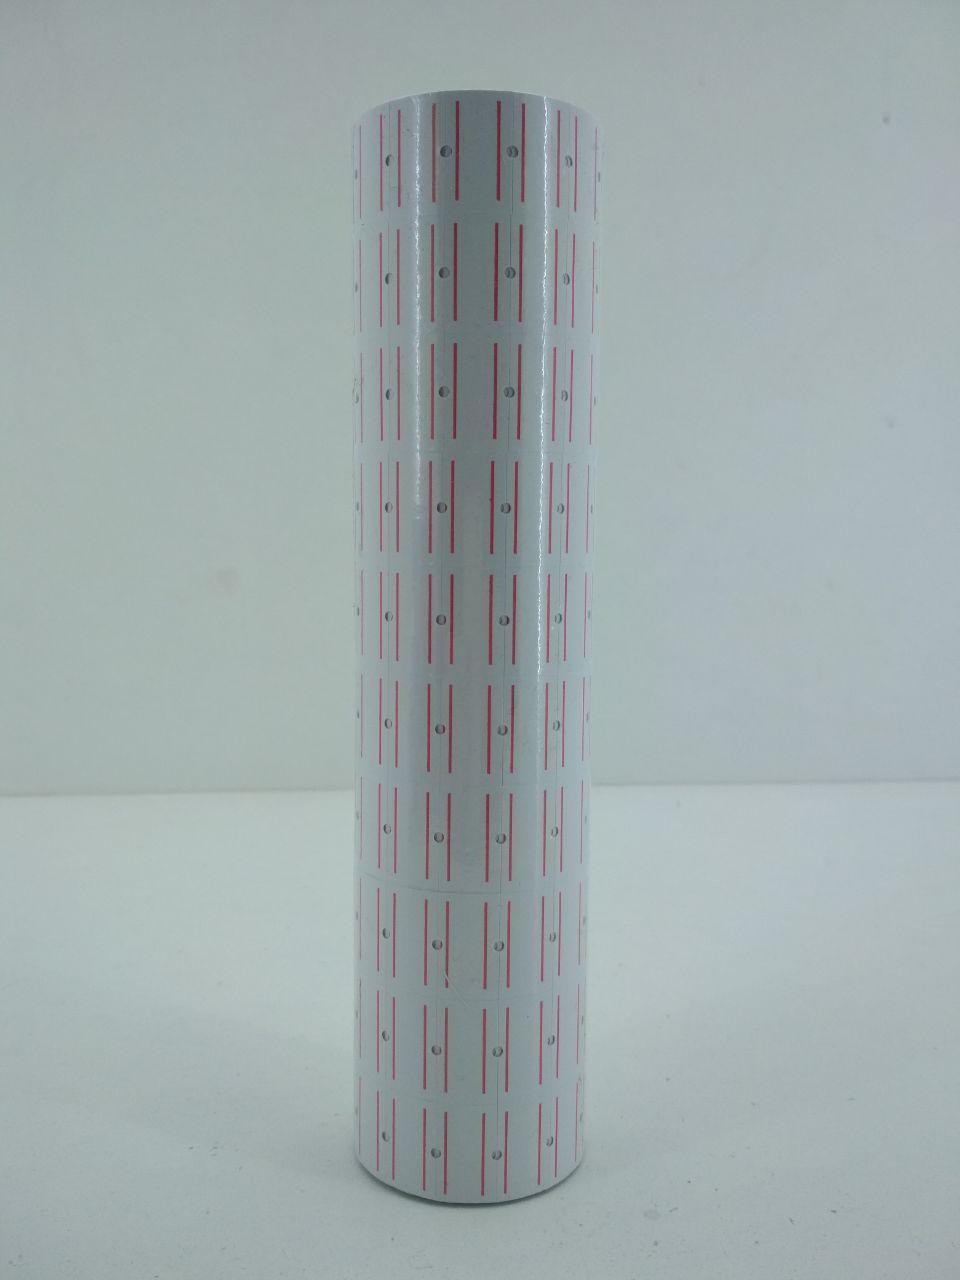 Ценник бумажный для этикет пистолета белый 12 Х22 мм 400 лейб 4,8 метра 10 шт